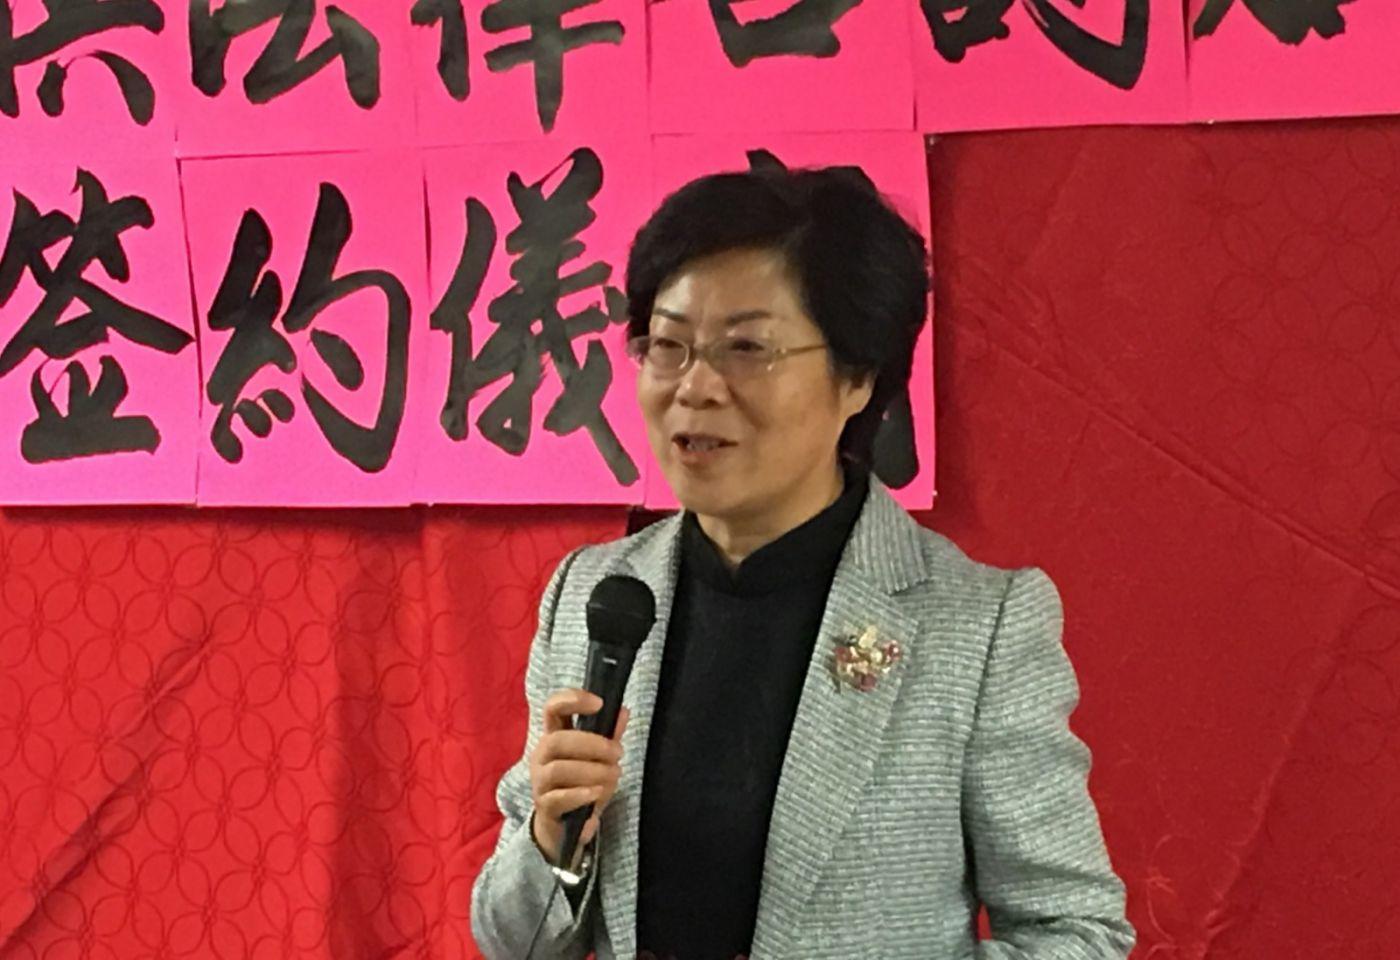 美国福建华人联合会欢迎福州市侨联主席蓝桂兰访美代表团一行 ... ..._图1-8